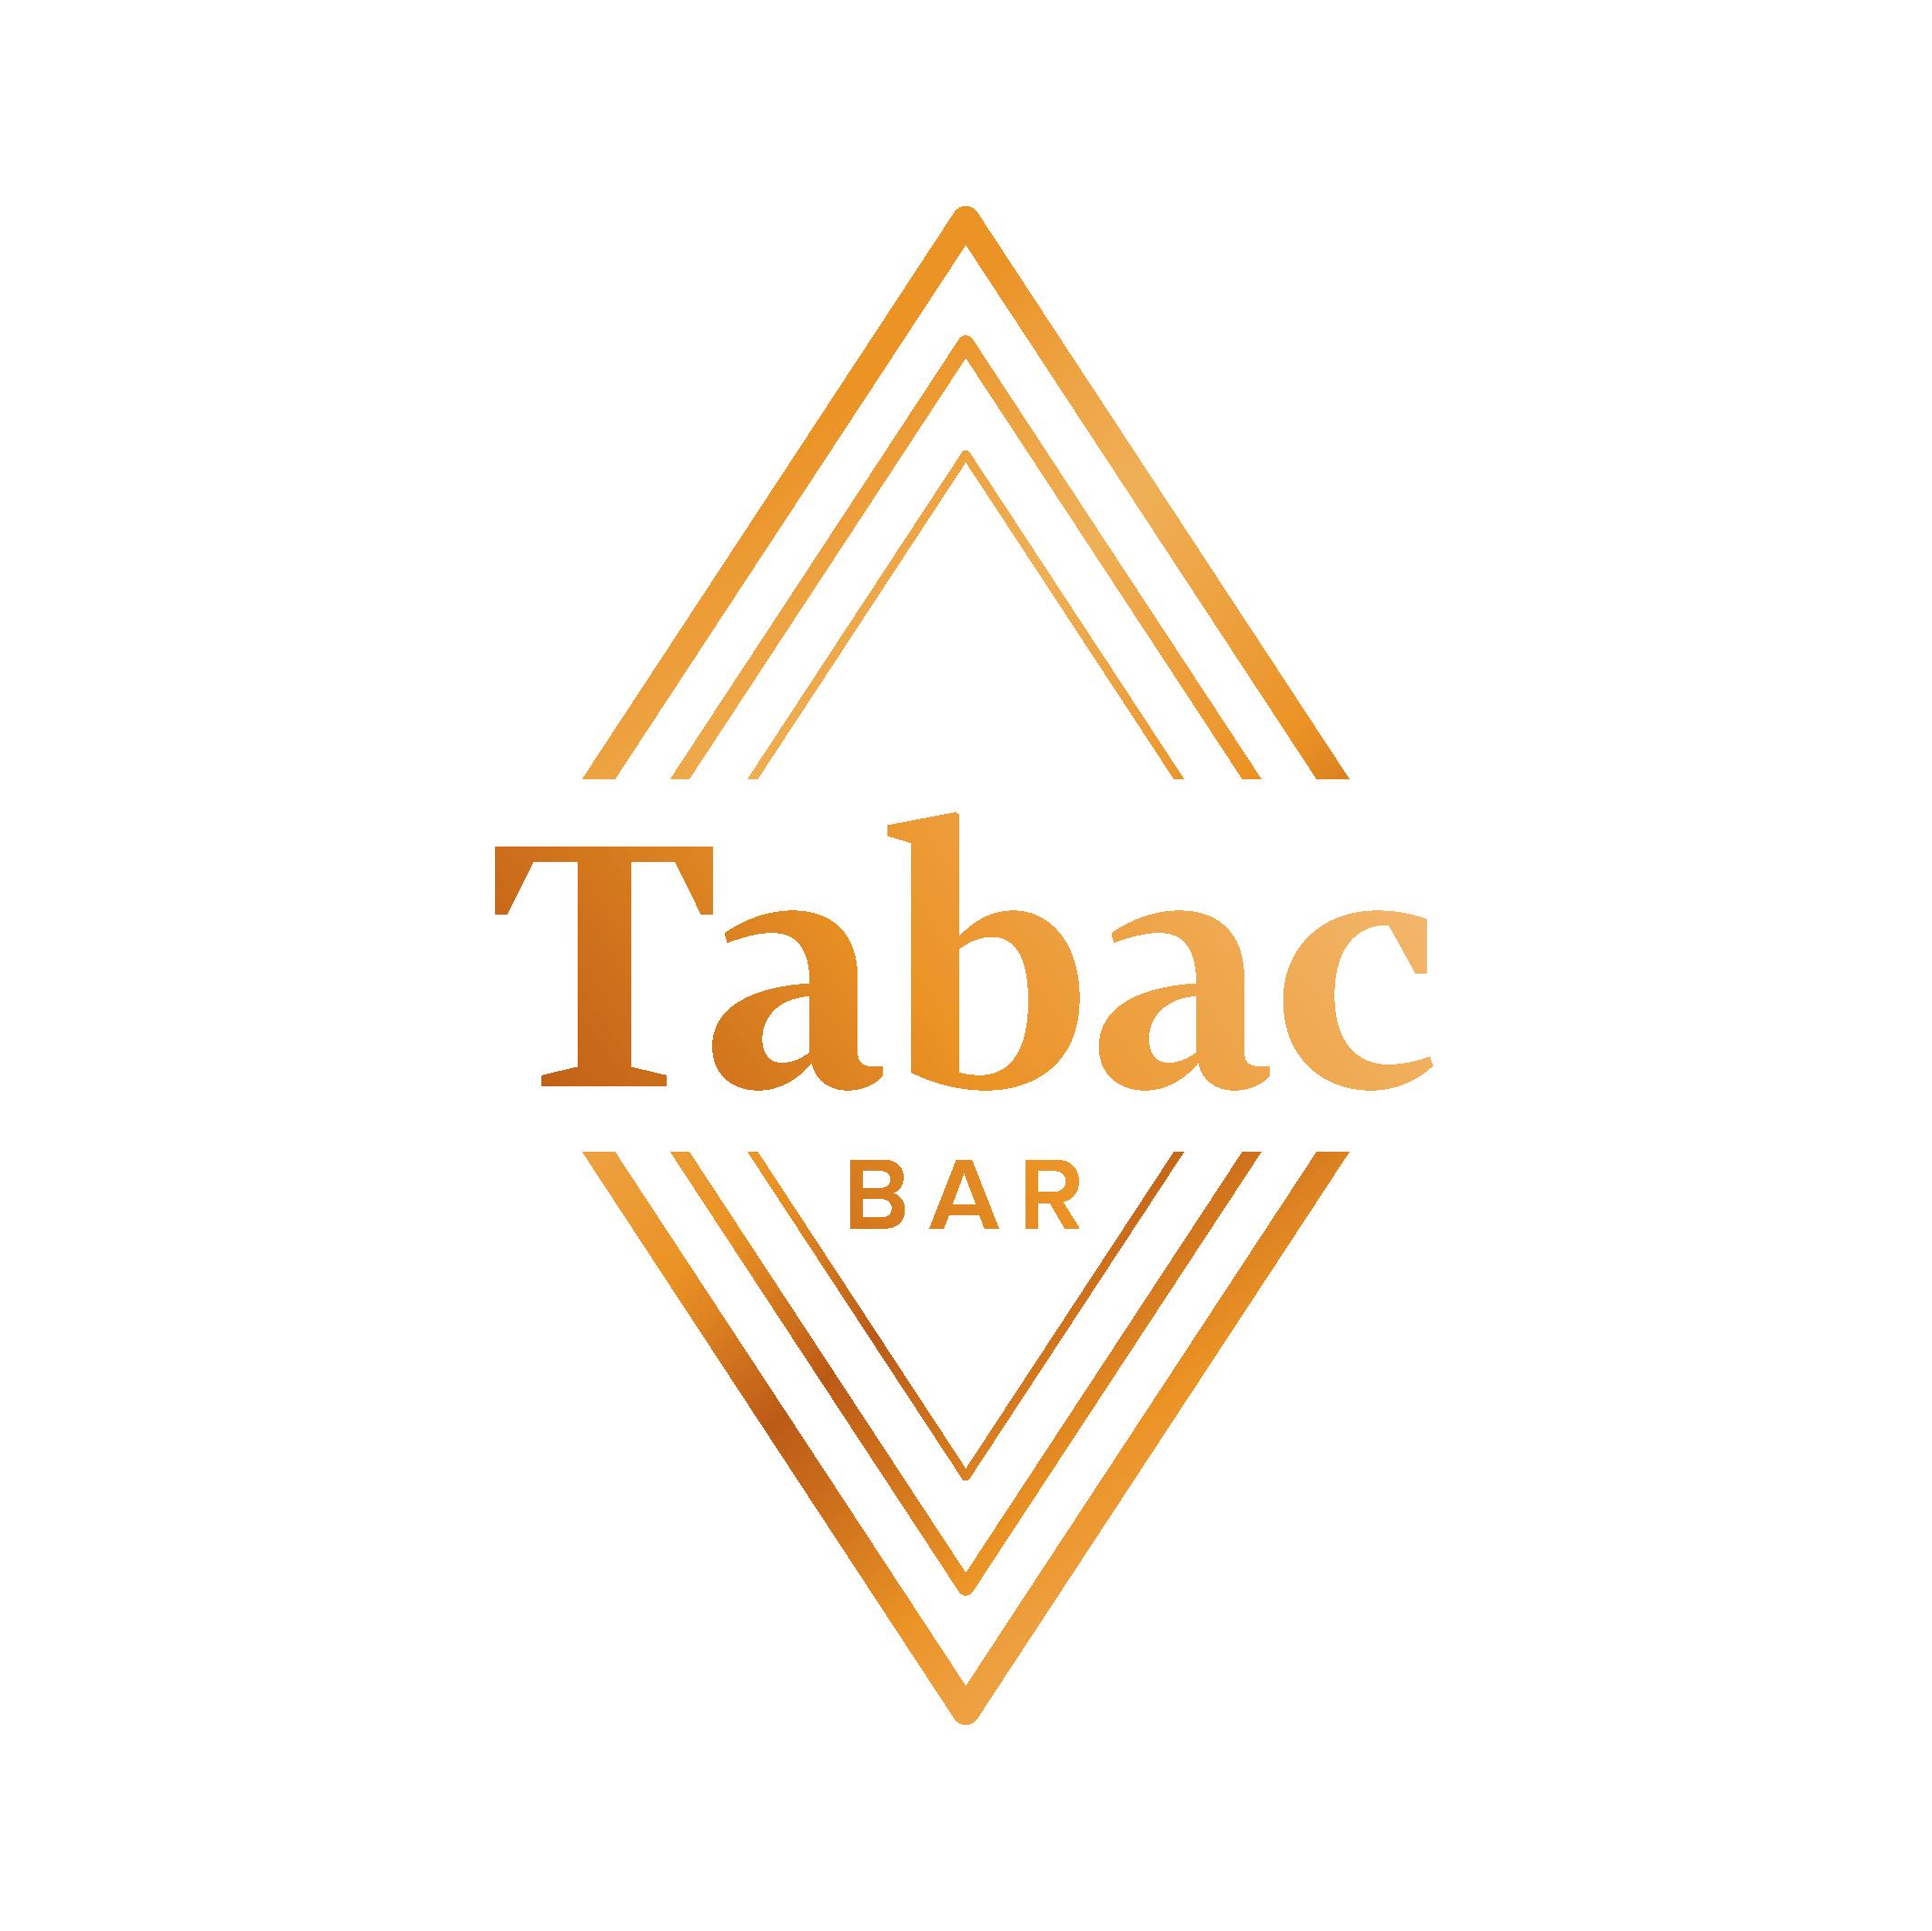 TABAC_FINAL_LOGO_V1_300dpi-02.png